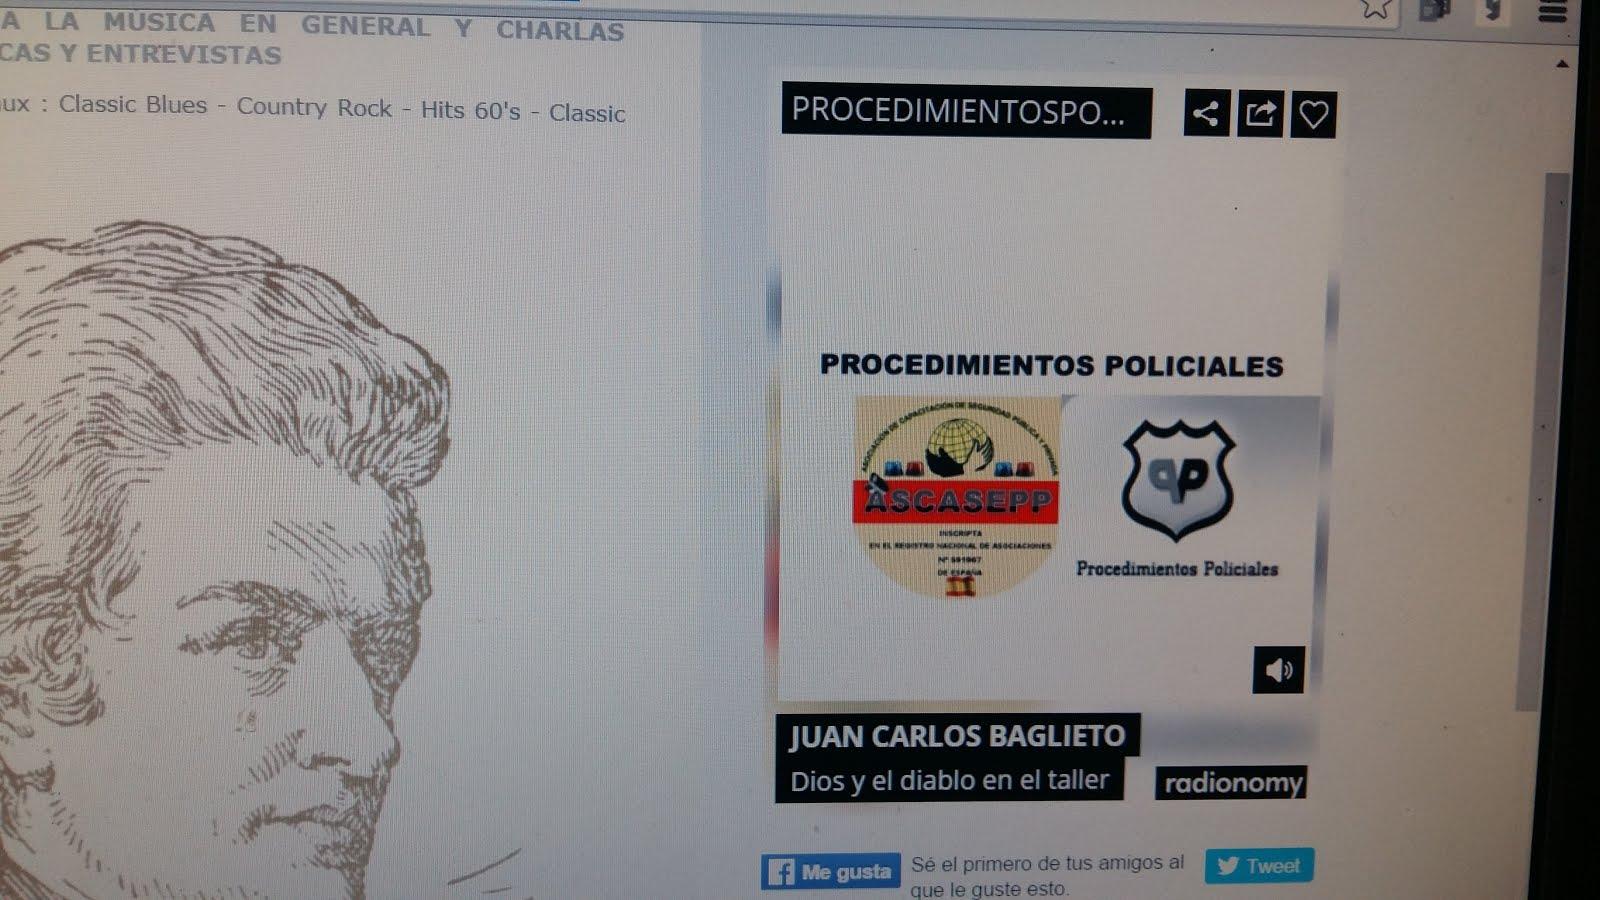 LA RADIO DE PROCEDIMIENTOS POLICIALES-ASCASEPP